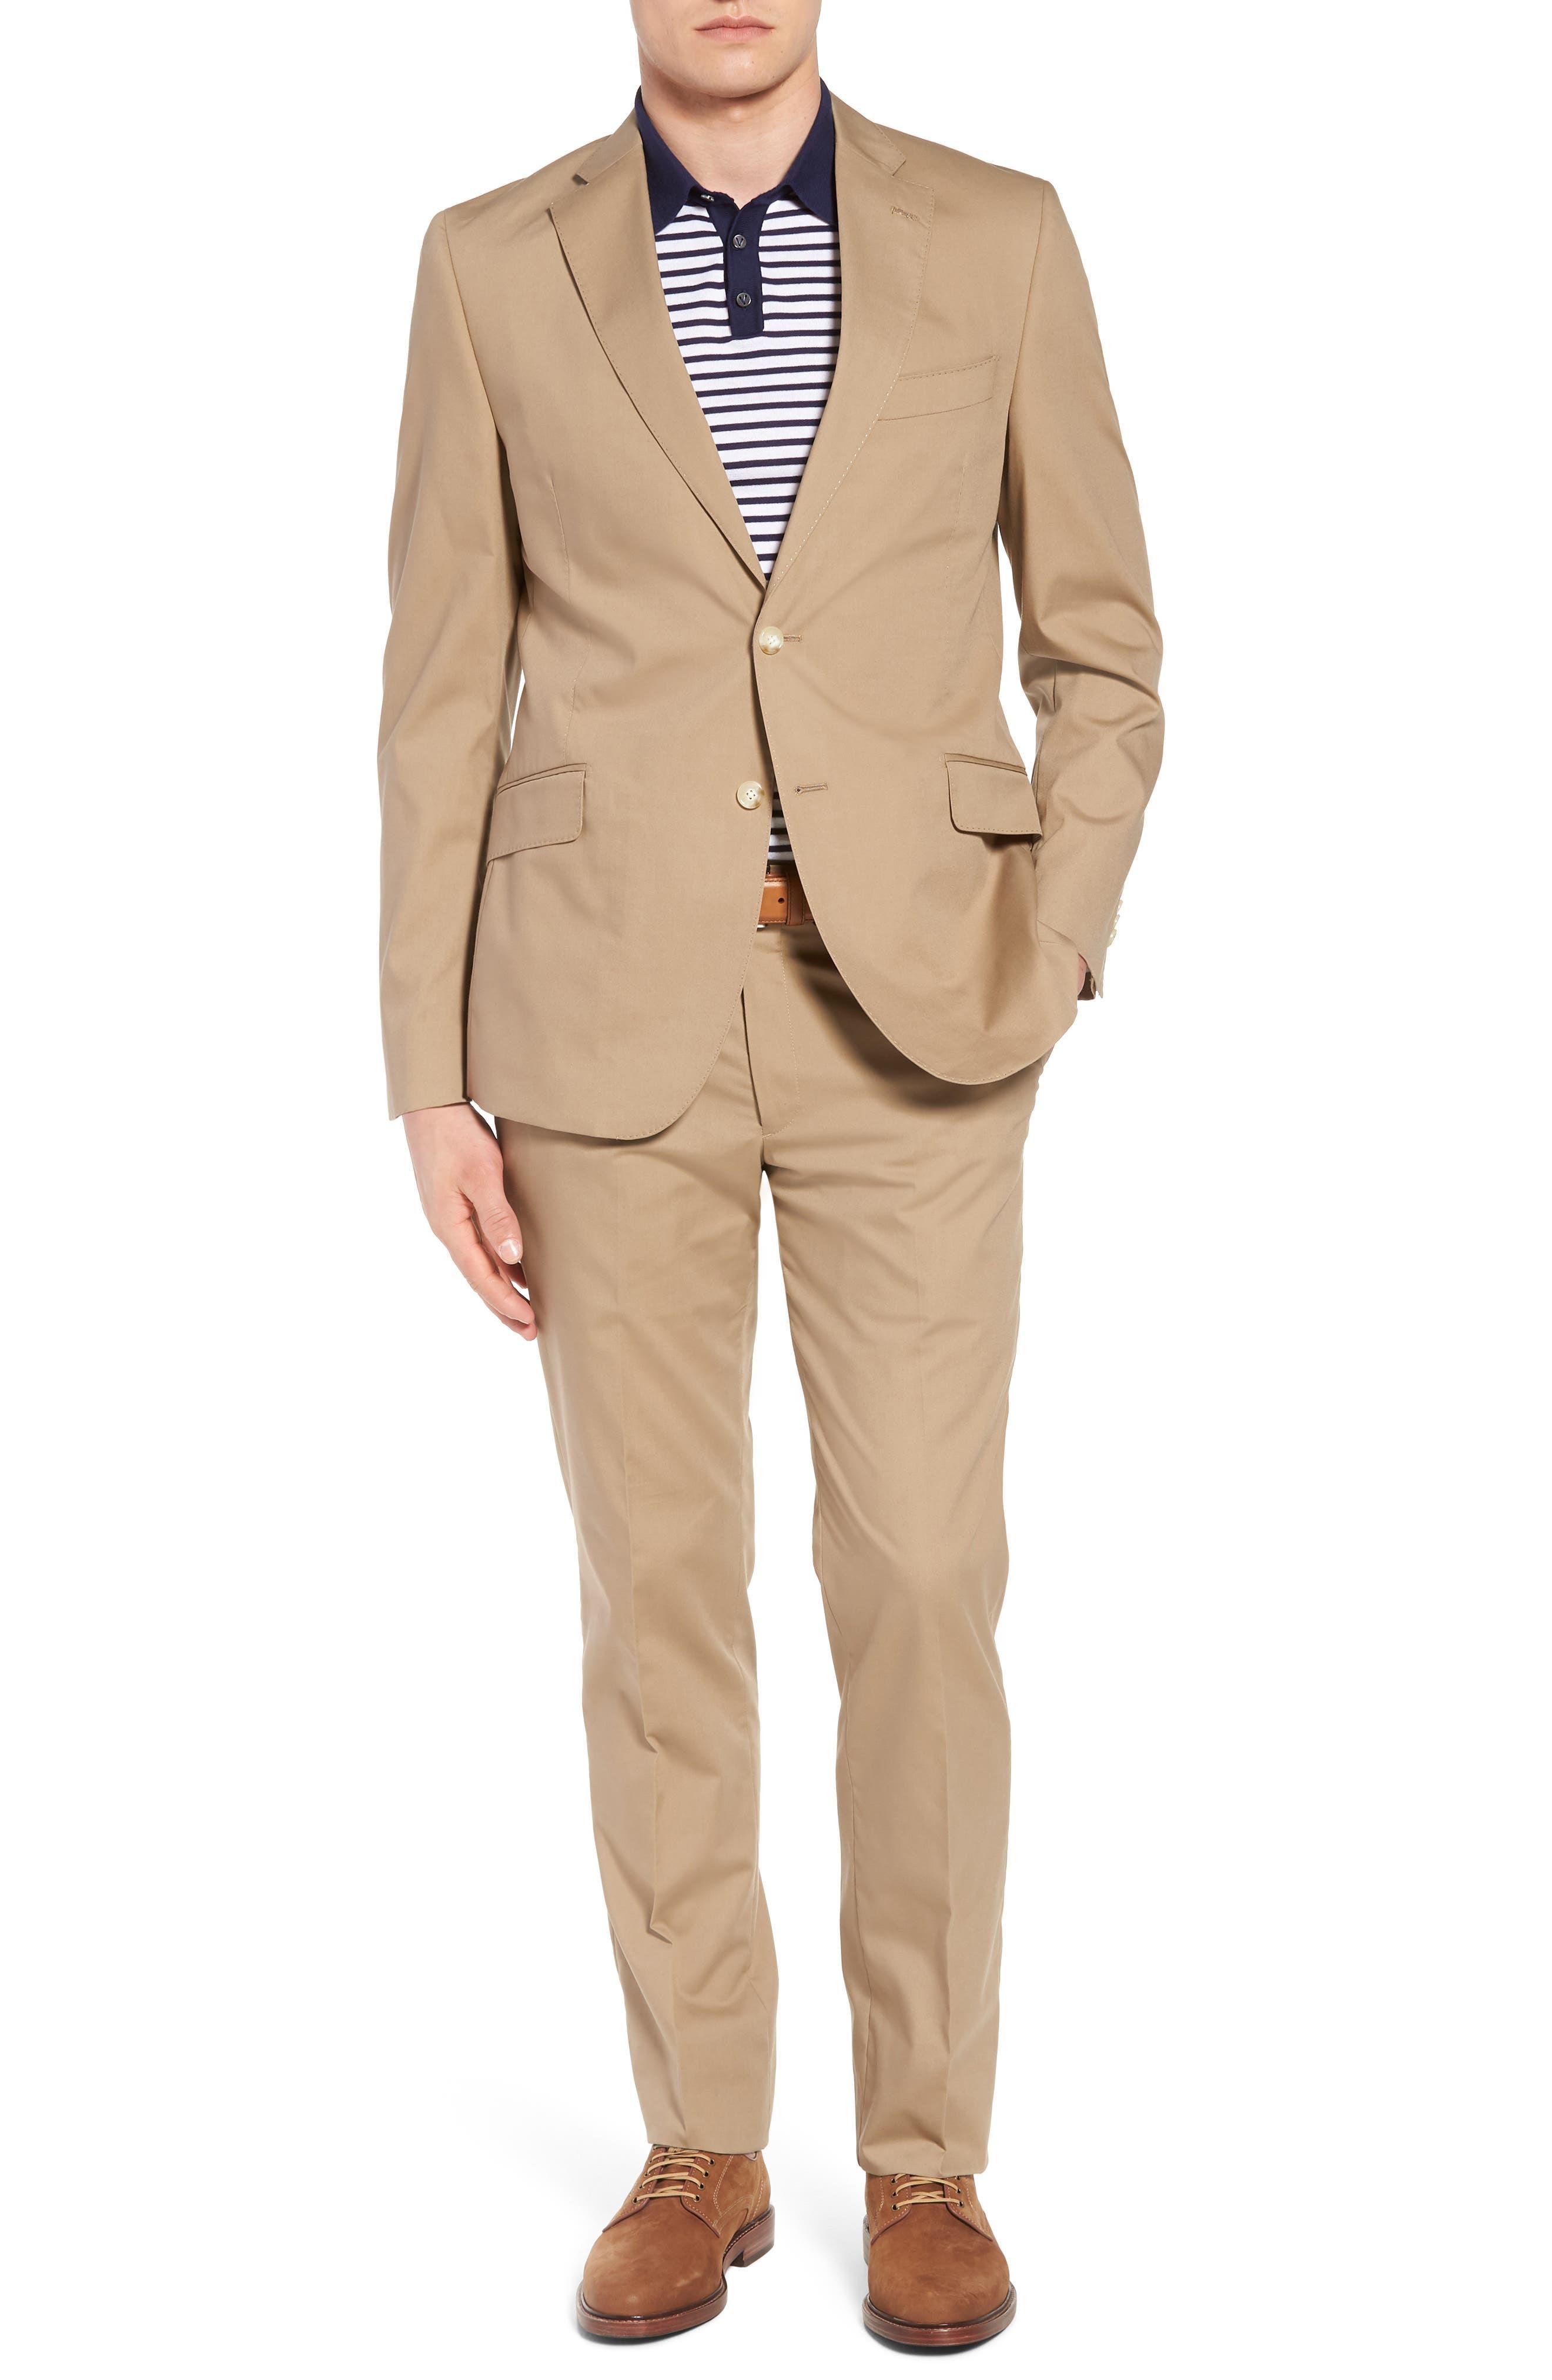 Irons AIM Classic Fit Solid Cotton Blend Suit,                         Main,                         color, Khaki